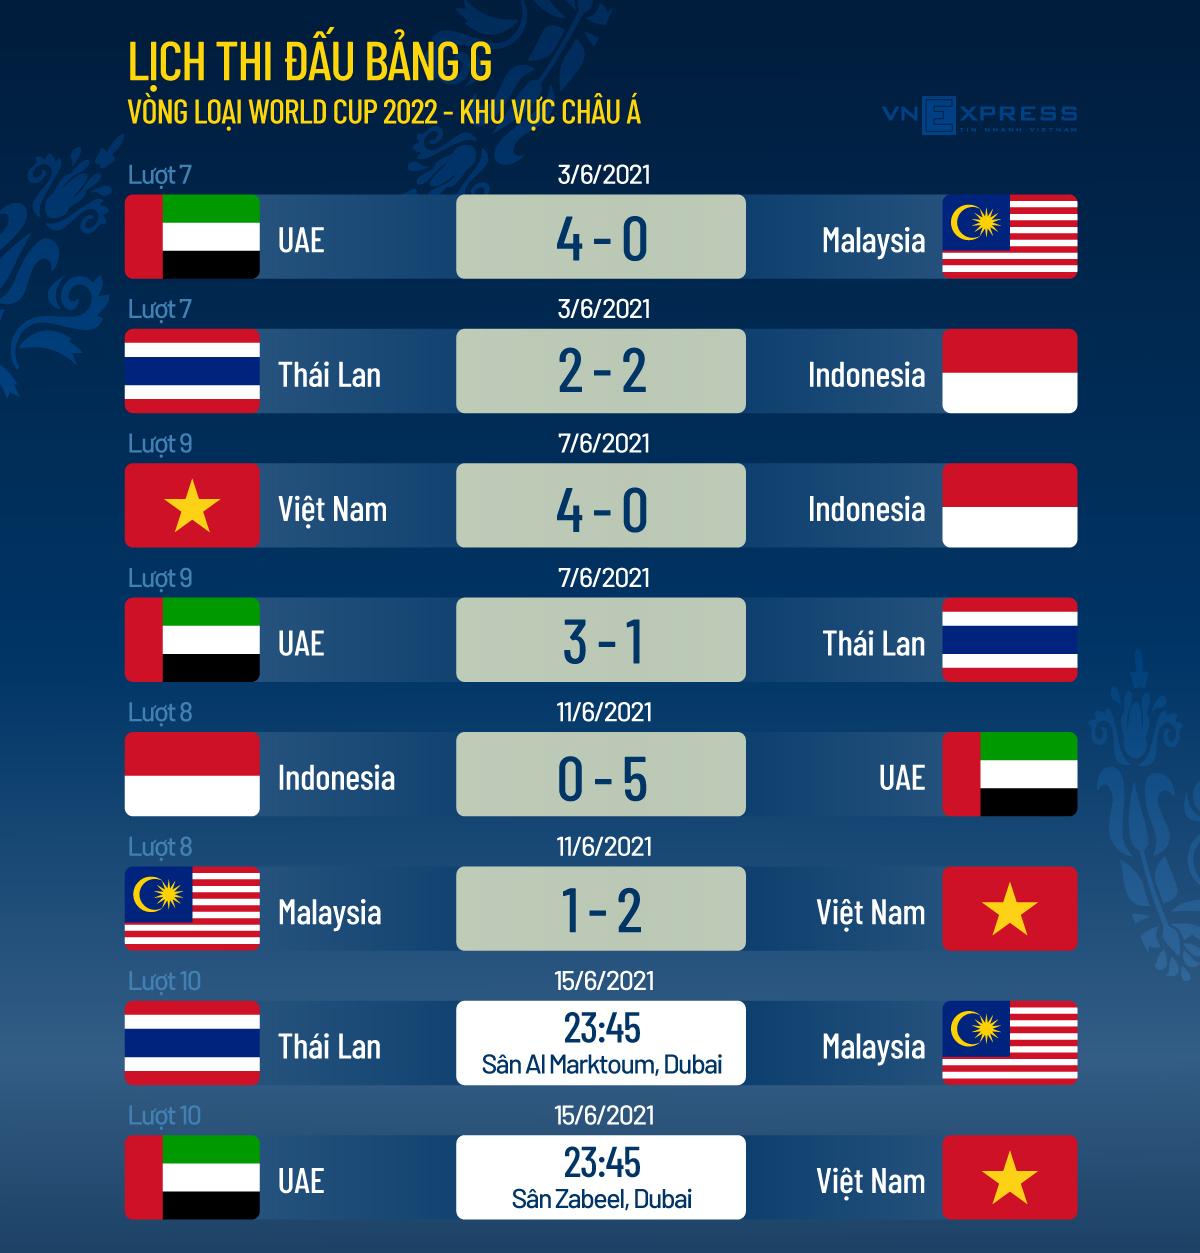 Tiền vệ UAE: Chúng tôi phải nỗ lực gấp đôi trước Việt Nam - 2